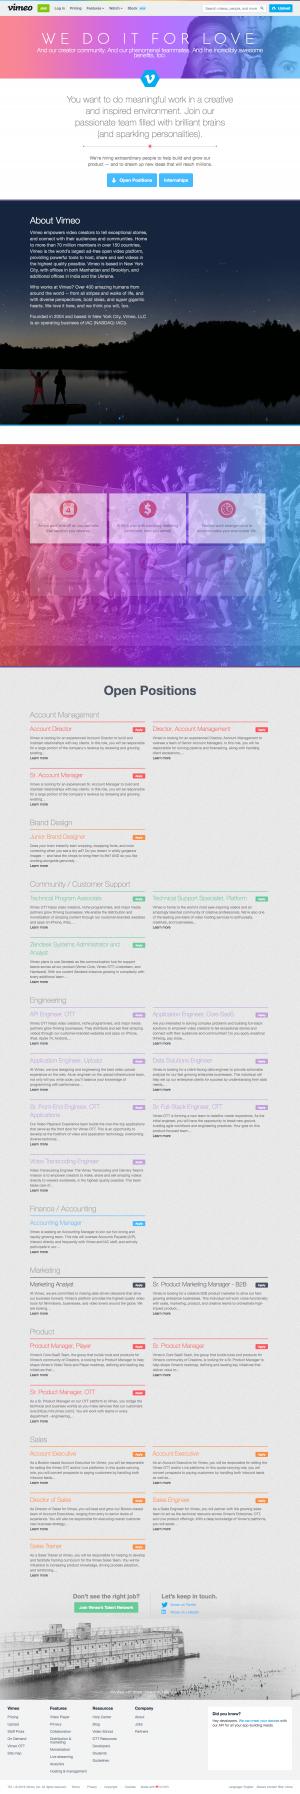 Vimeo - Career page